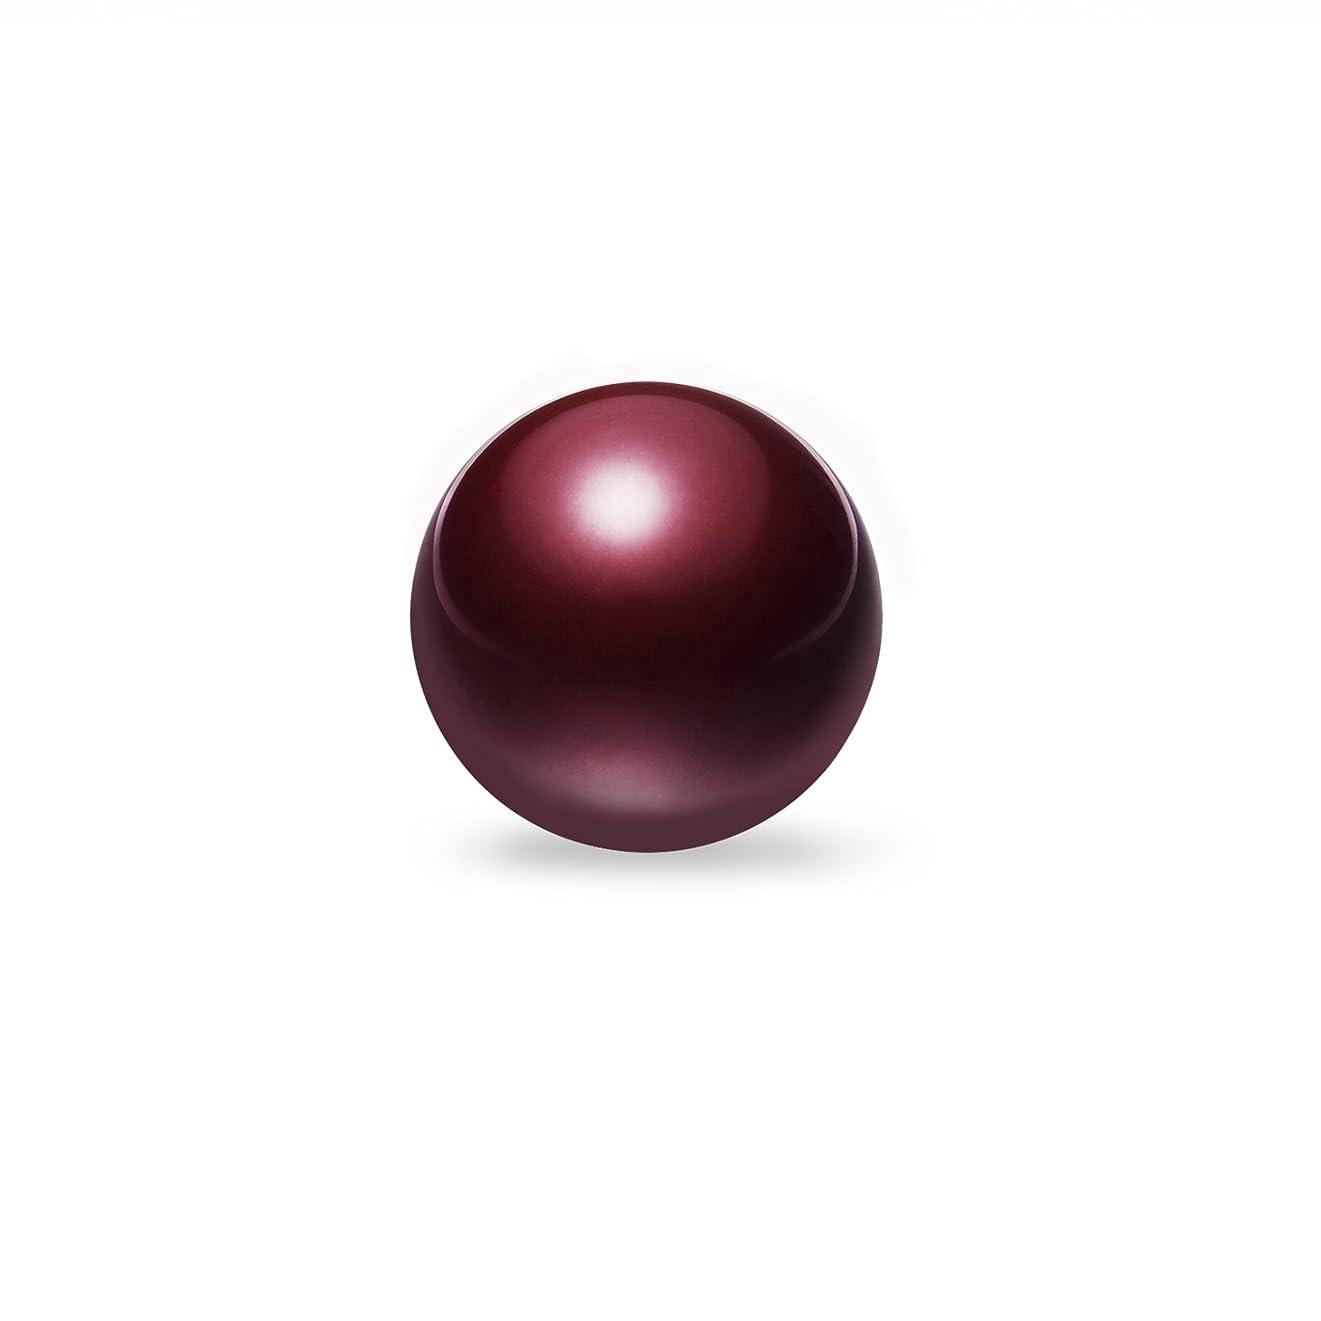 グラディス彼女はクマノミぺリックス 34 mm トラックボール マット仕上げ 艶消し加工 コントロール型 M570トラックボールと互換性有